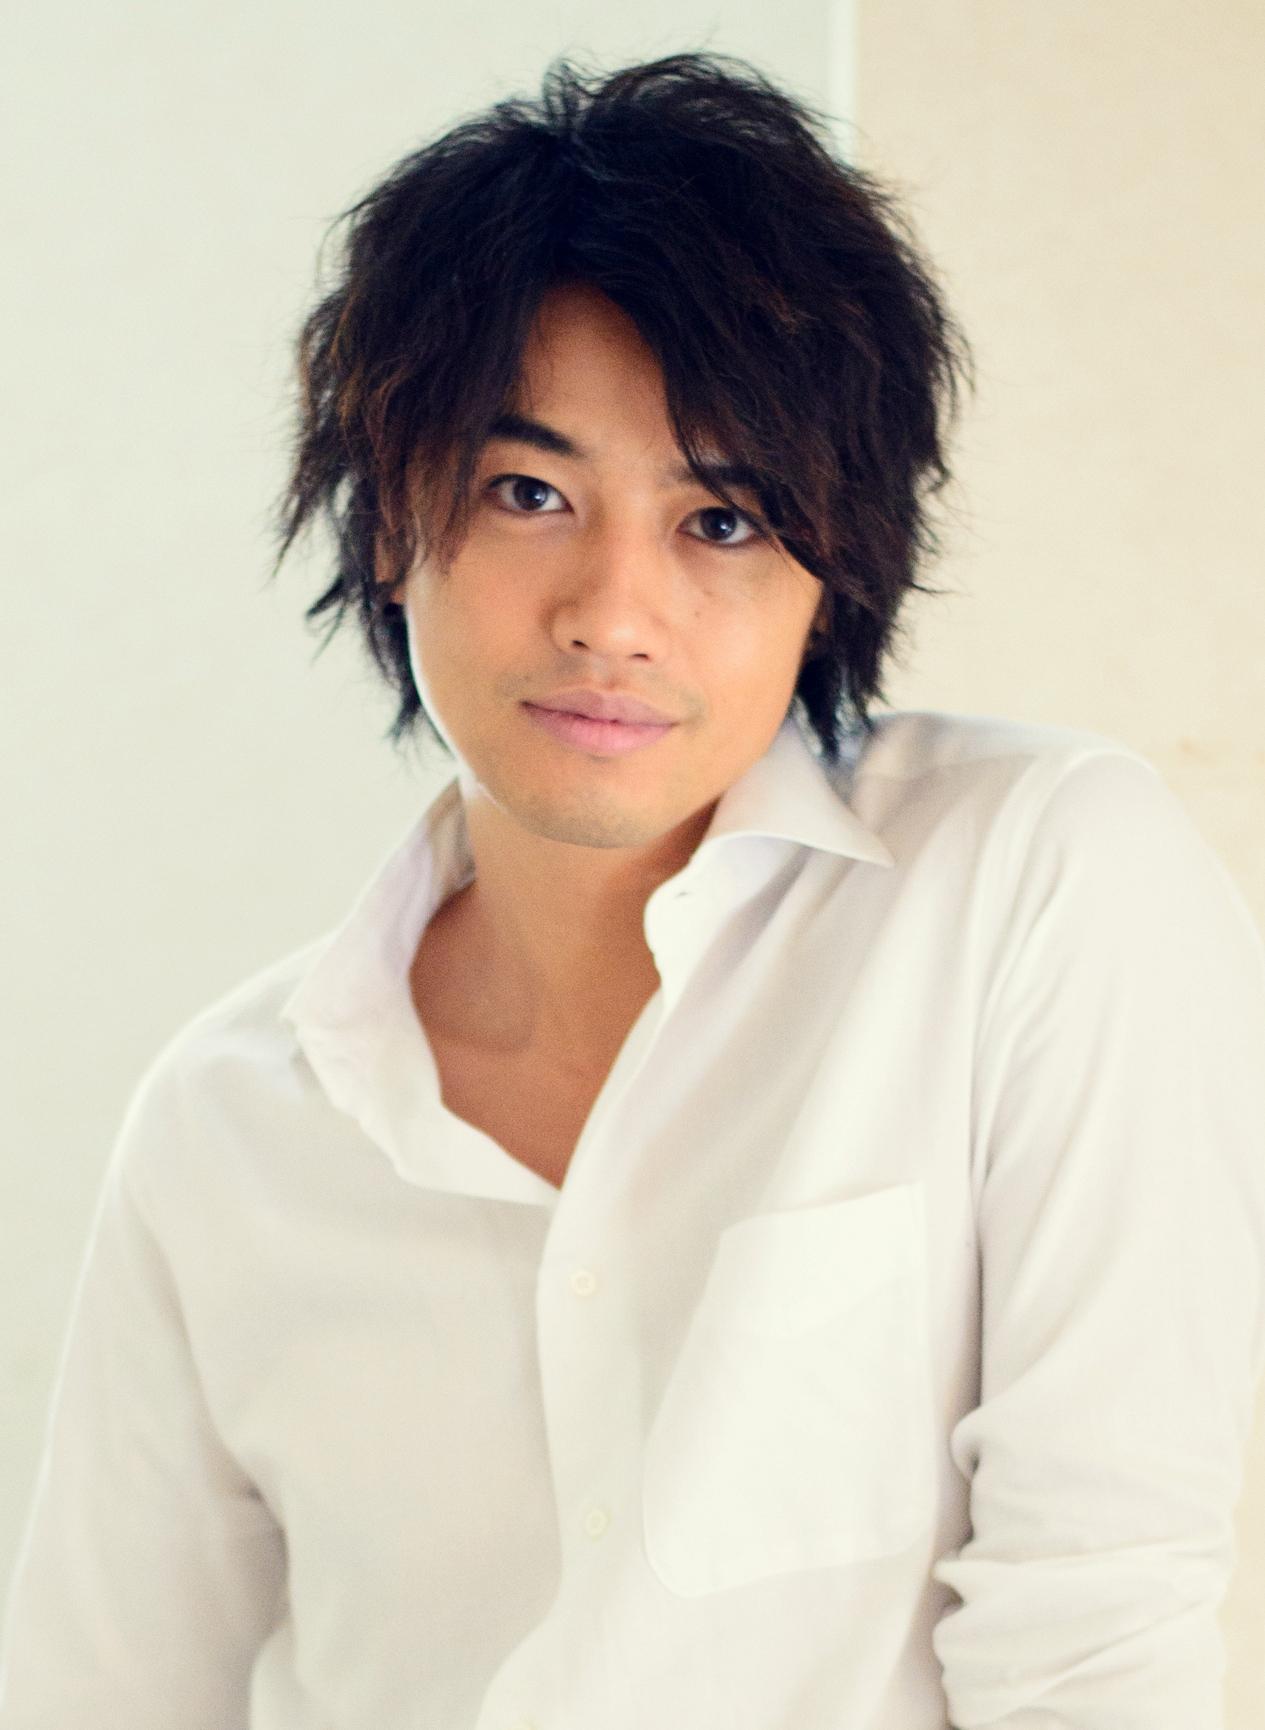 超人気俳優・斎藤工さんが蜷川実花さんとコラボした写真集がすごい!のサムネイル画像